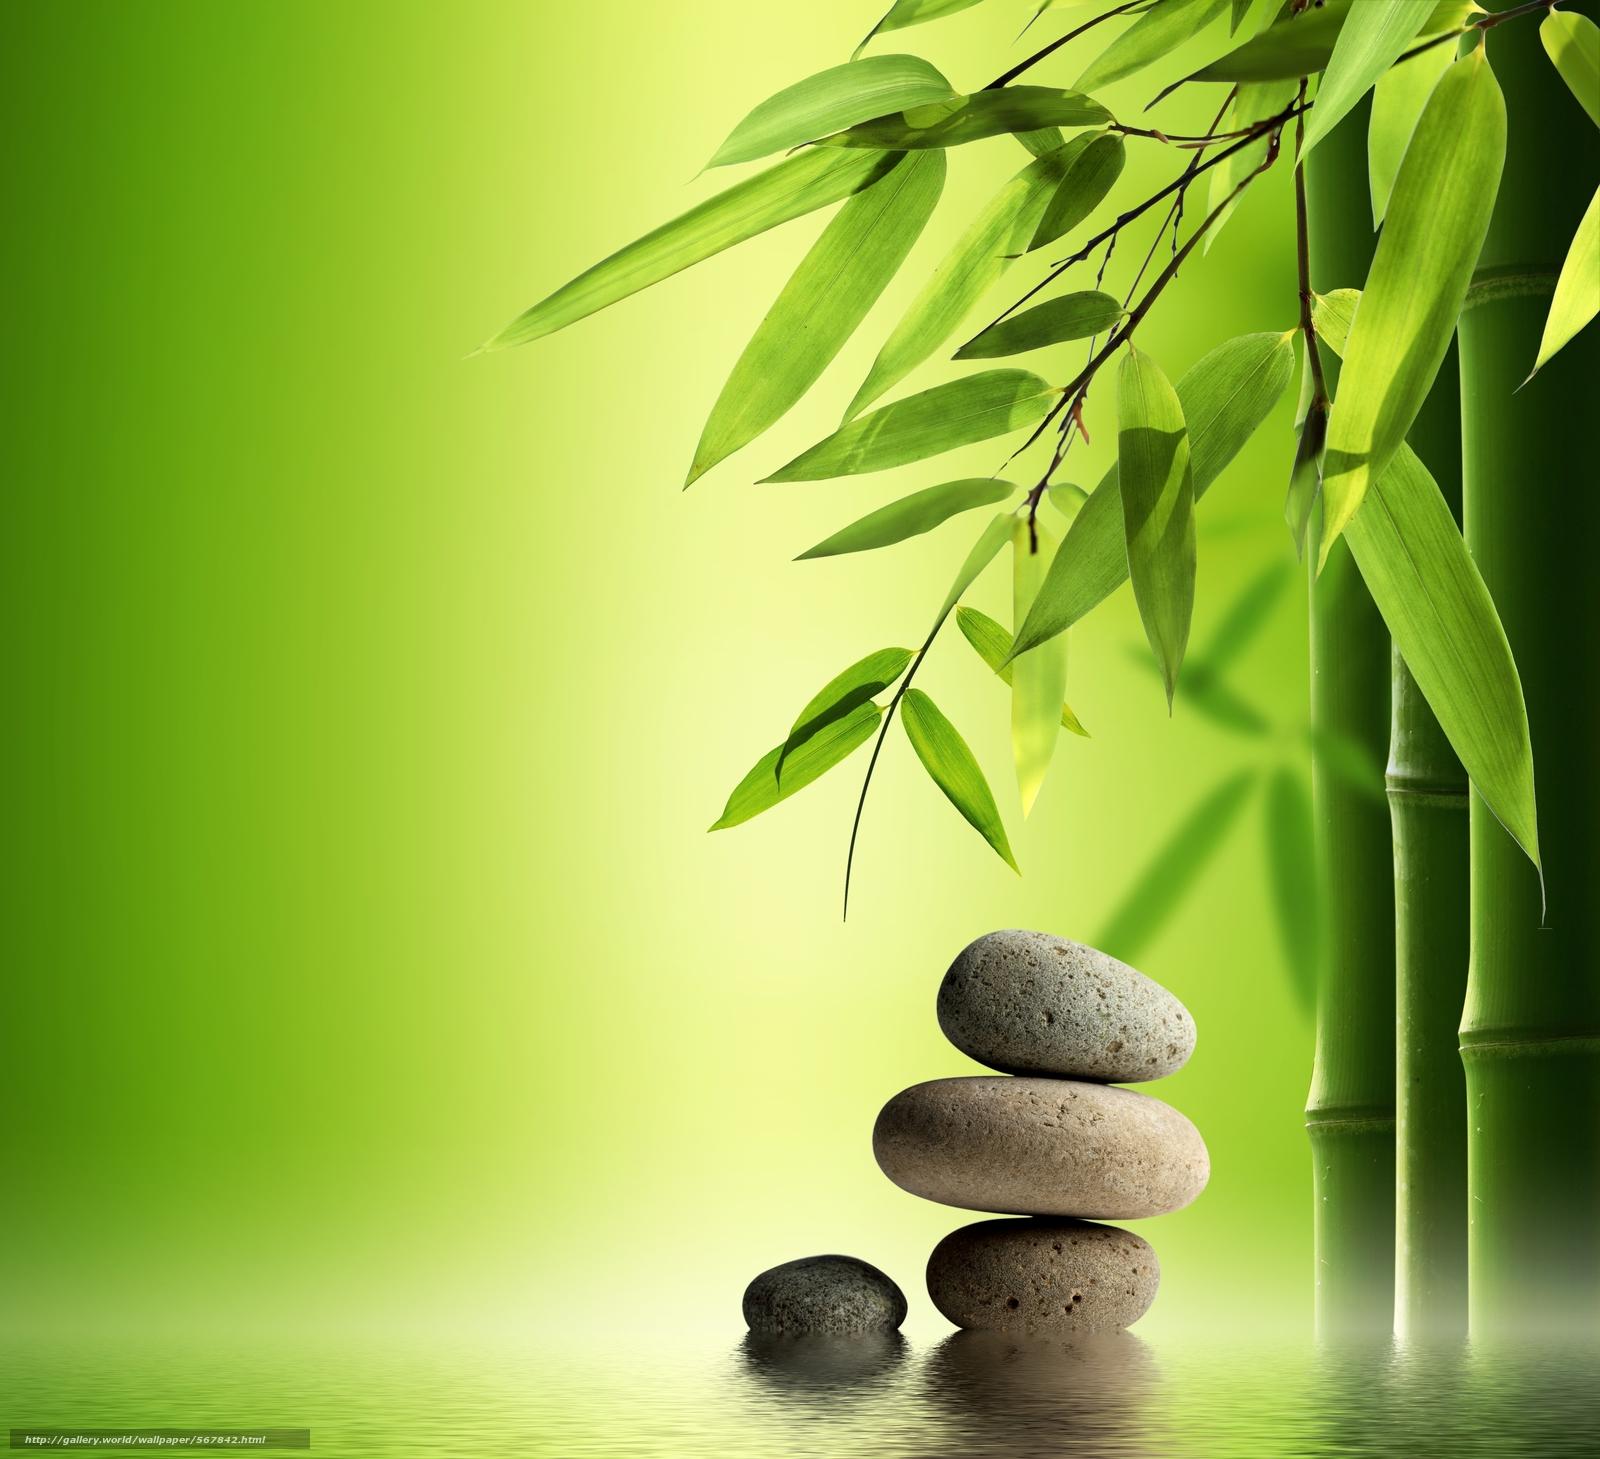 Wallpaper bambus und steine  Download Hintergrund Spa, Zen, Steine, Bambus Freie desktop ...